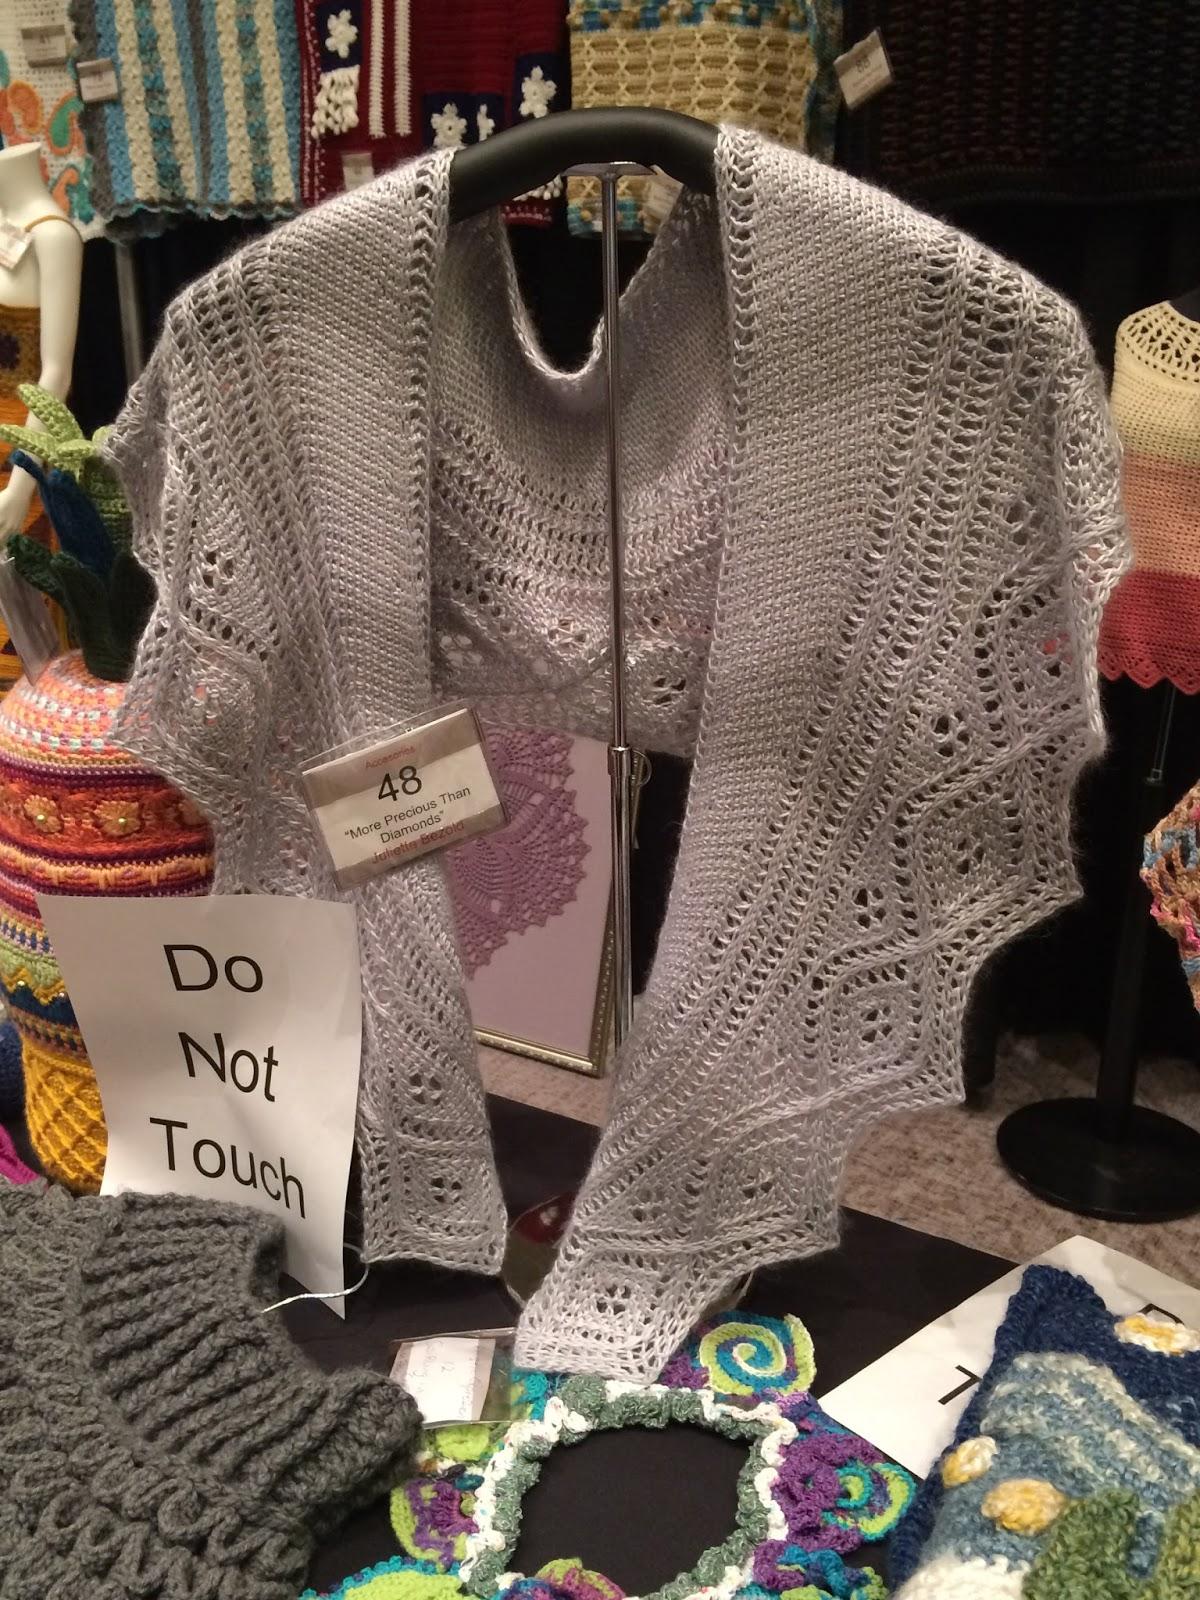 Gocrochet Knit And Crochet Show Part 3